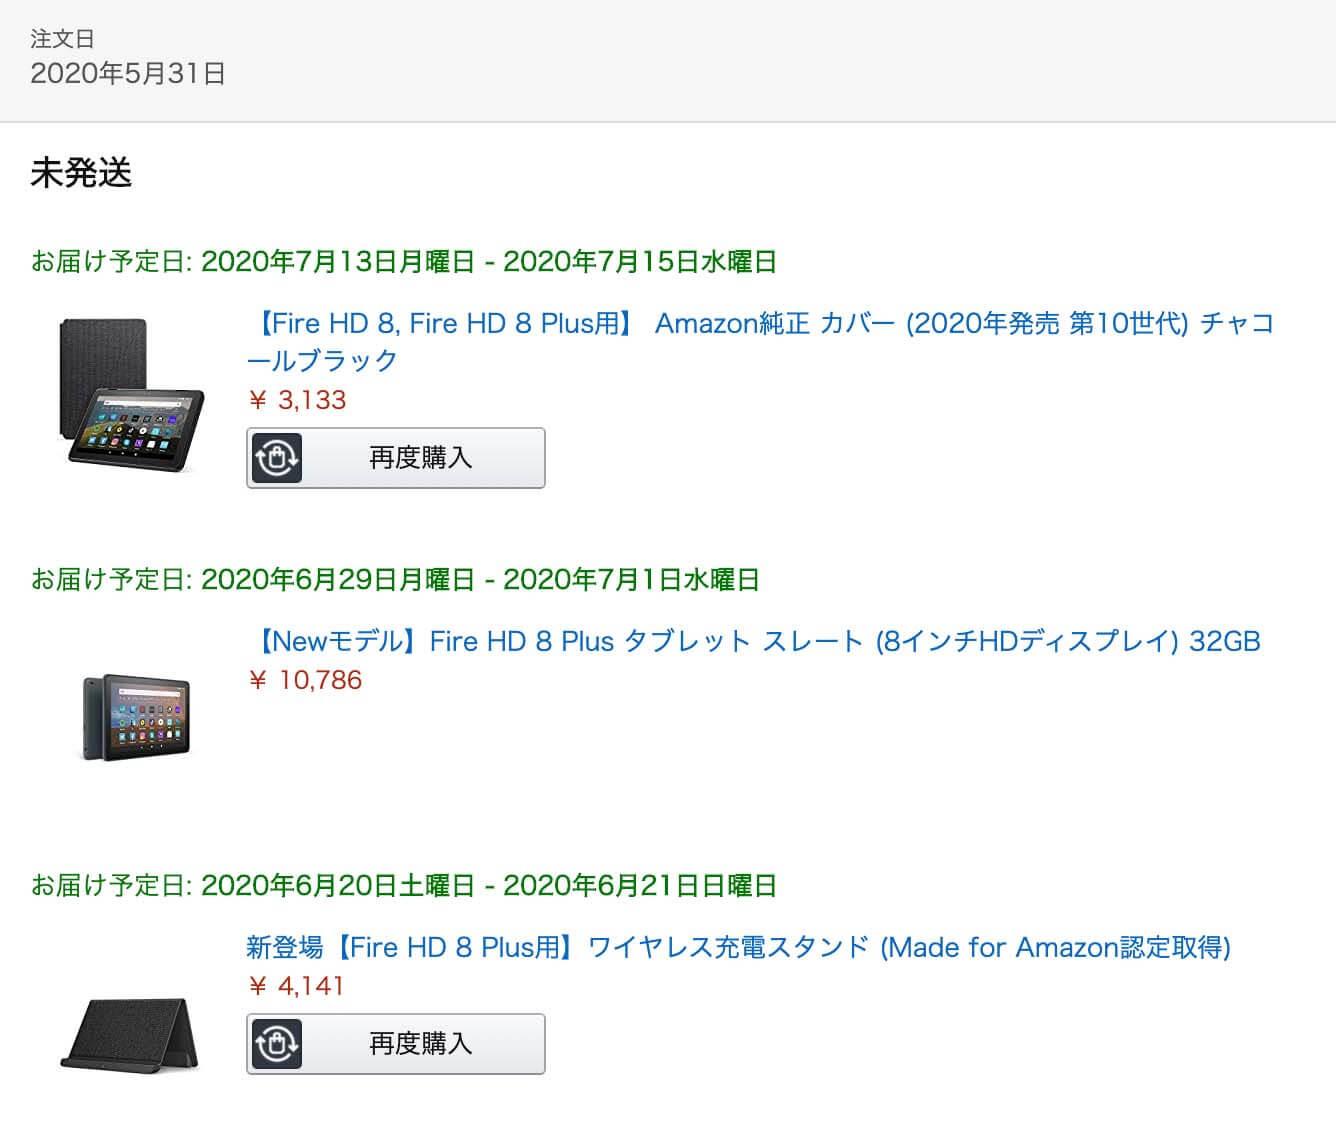 今すぐfire Hd 8 Plusを今すぐ注文し Rakuten Un Limitを申し込むべき理由 ハイパーガジェット通信